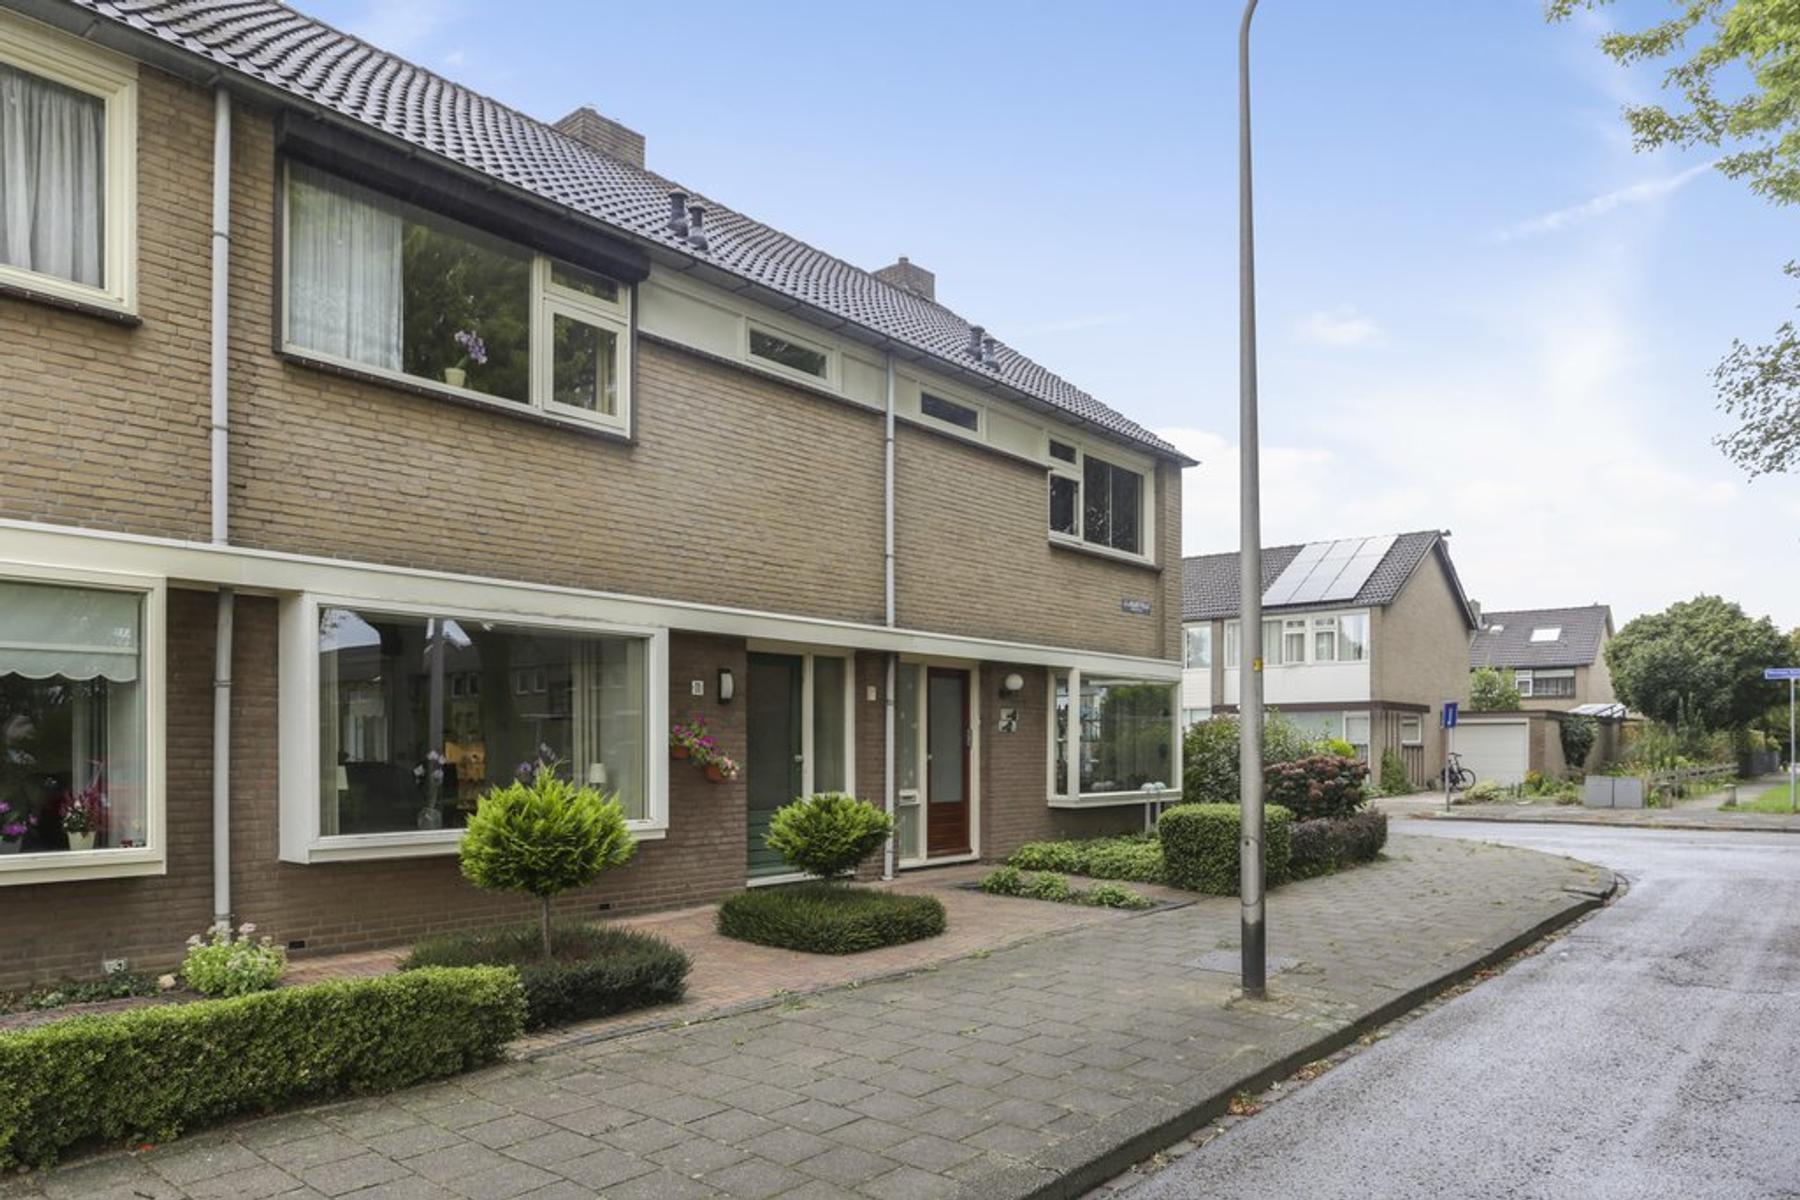 J.I. De Haanstraat 11 in Hengelo 7552 JA